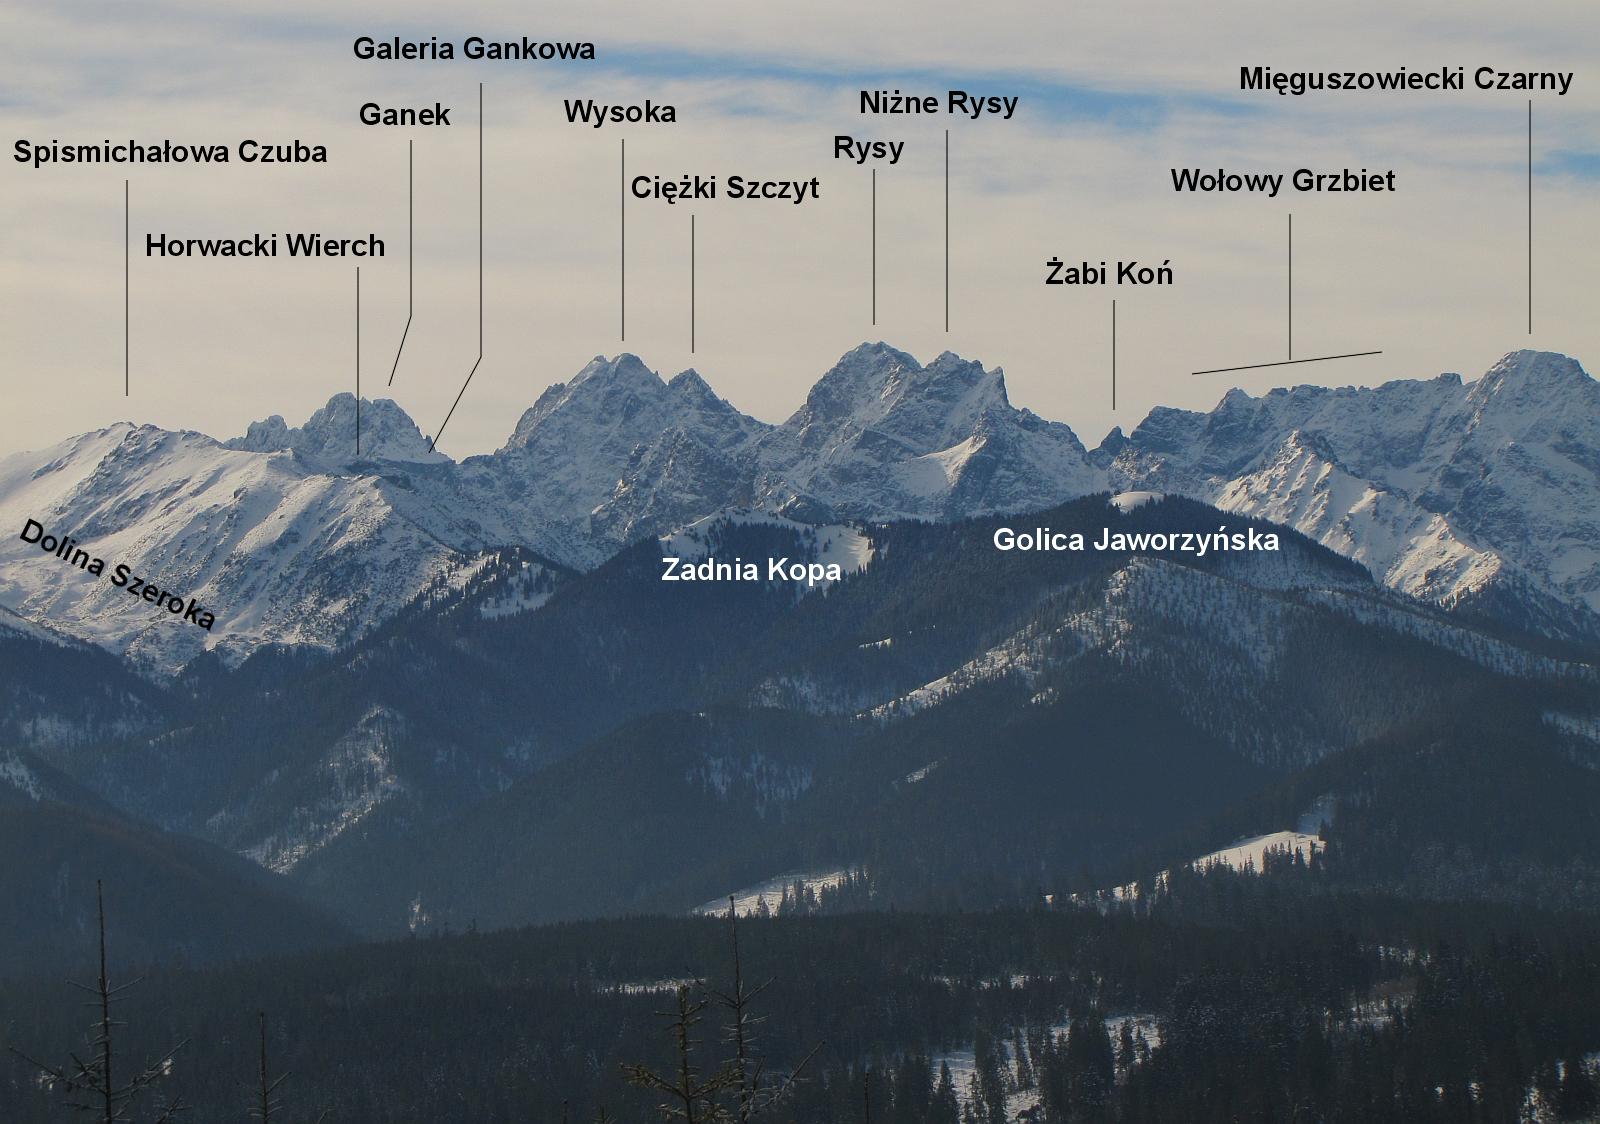 Ganek, Wysoka, Ciężki Szczyt, Rysy, Wołowy Grzbiet, Mięguszowiecki Czarny.